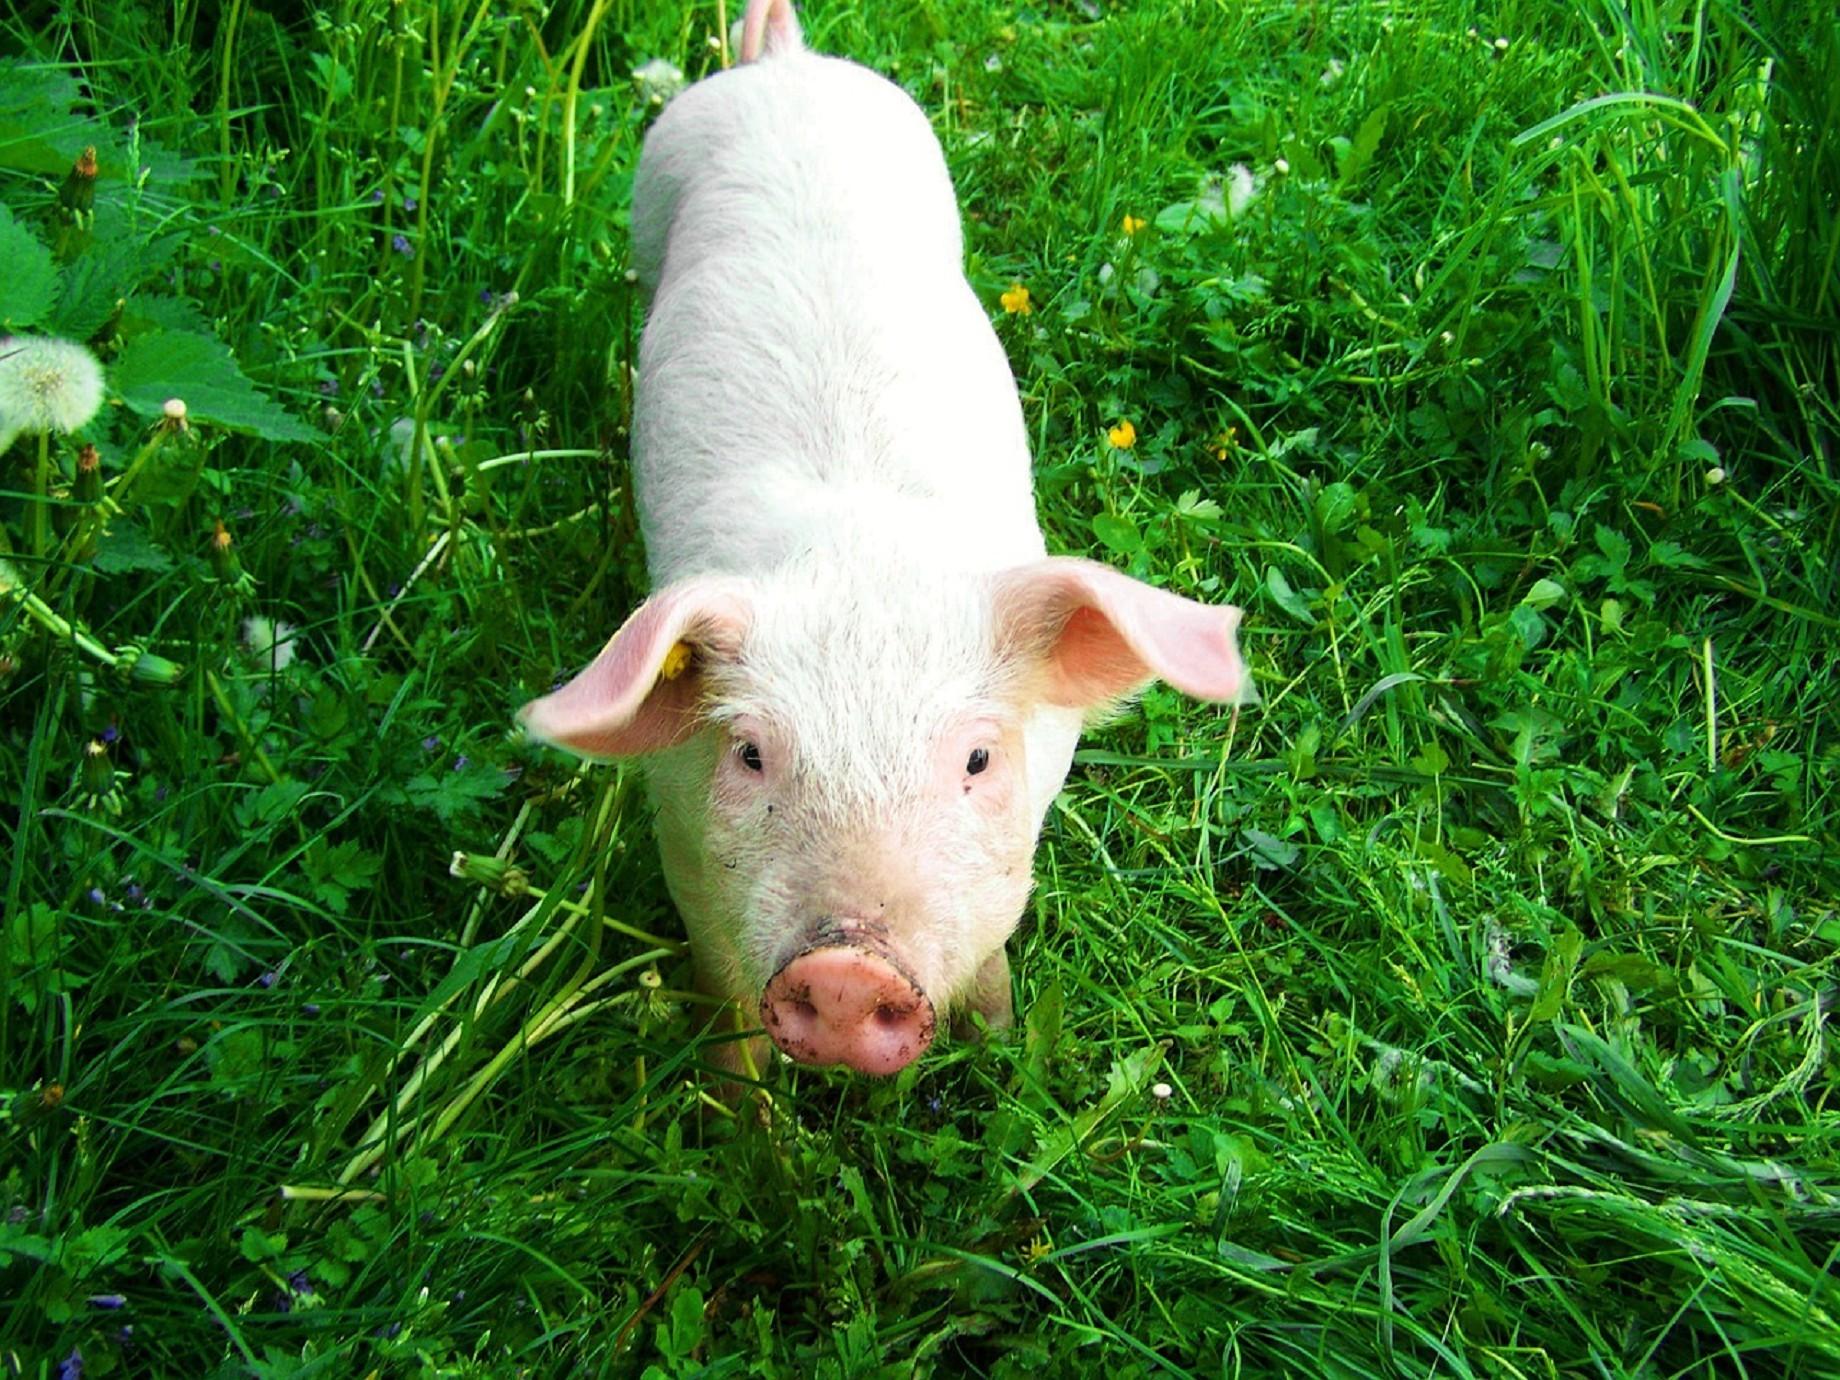 誰說養豬就不能高市值了?互聯網+畜牧萬億的市場規模已足夠讓人眼紅了